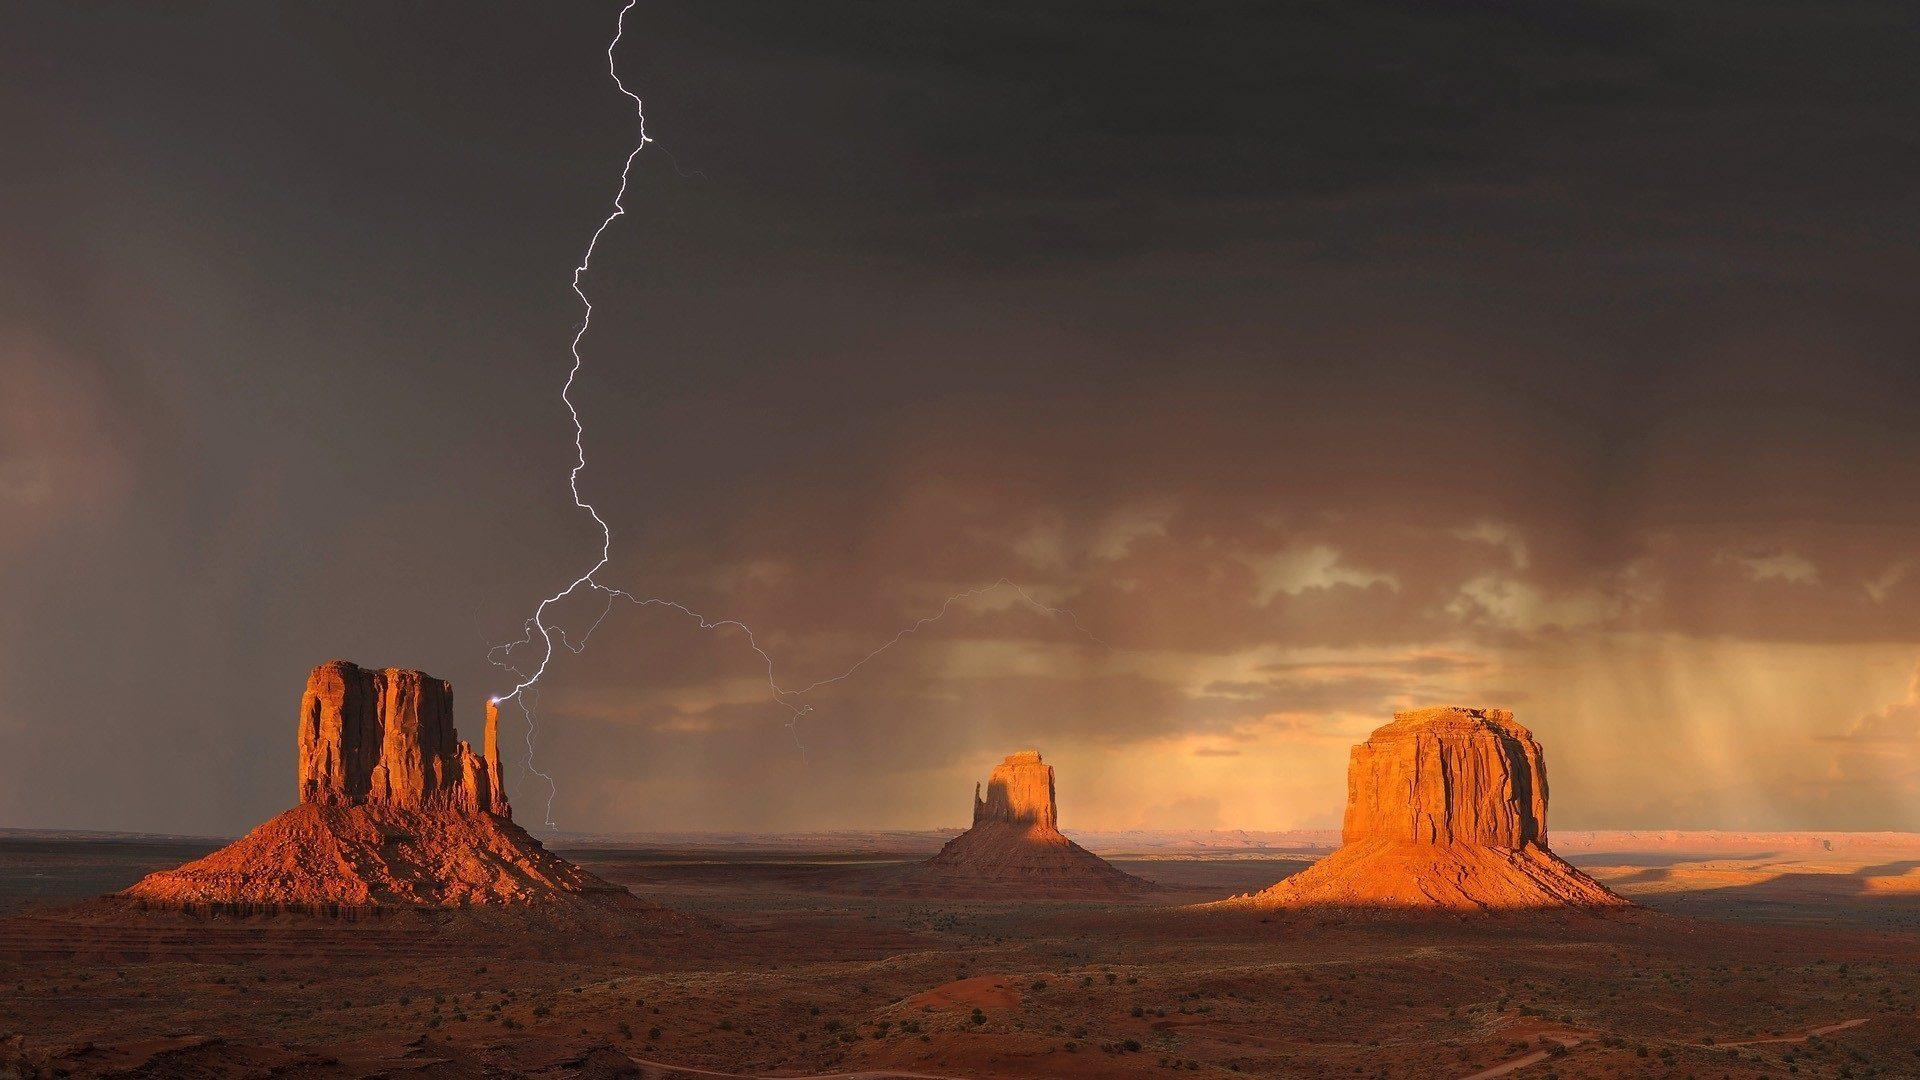 Tempesta, Valle, Ray, nuvole, Valle del monumento - Sfondi HD - Professor-falken.com